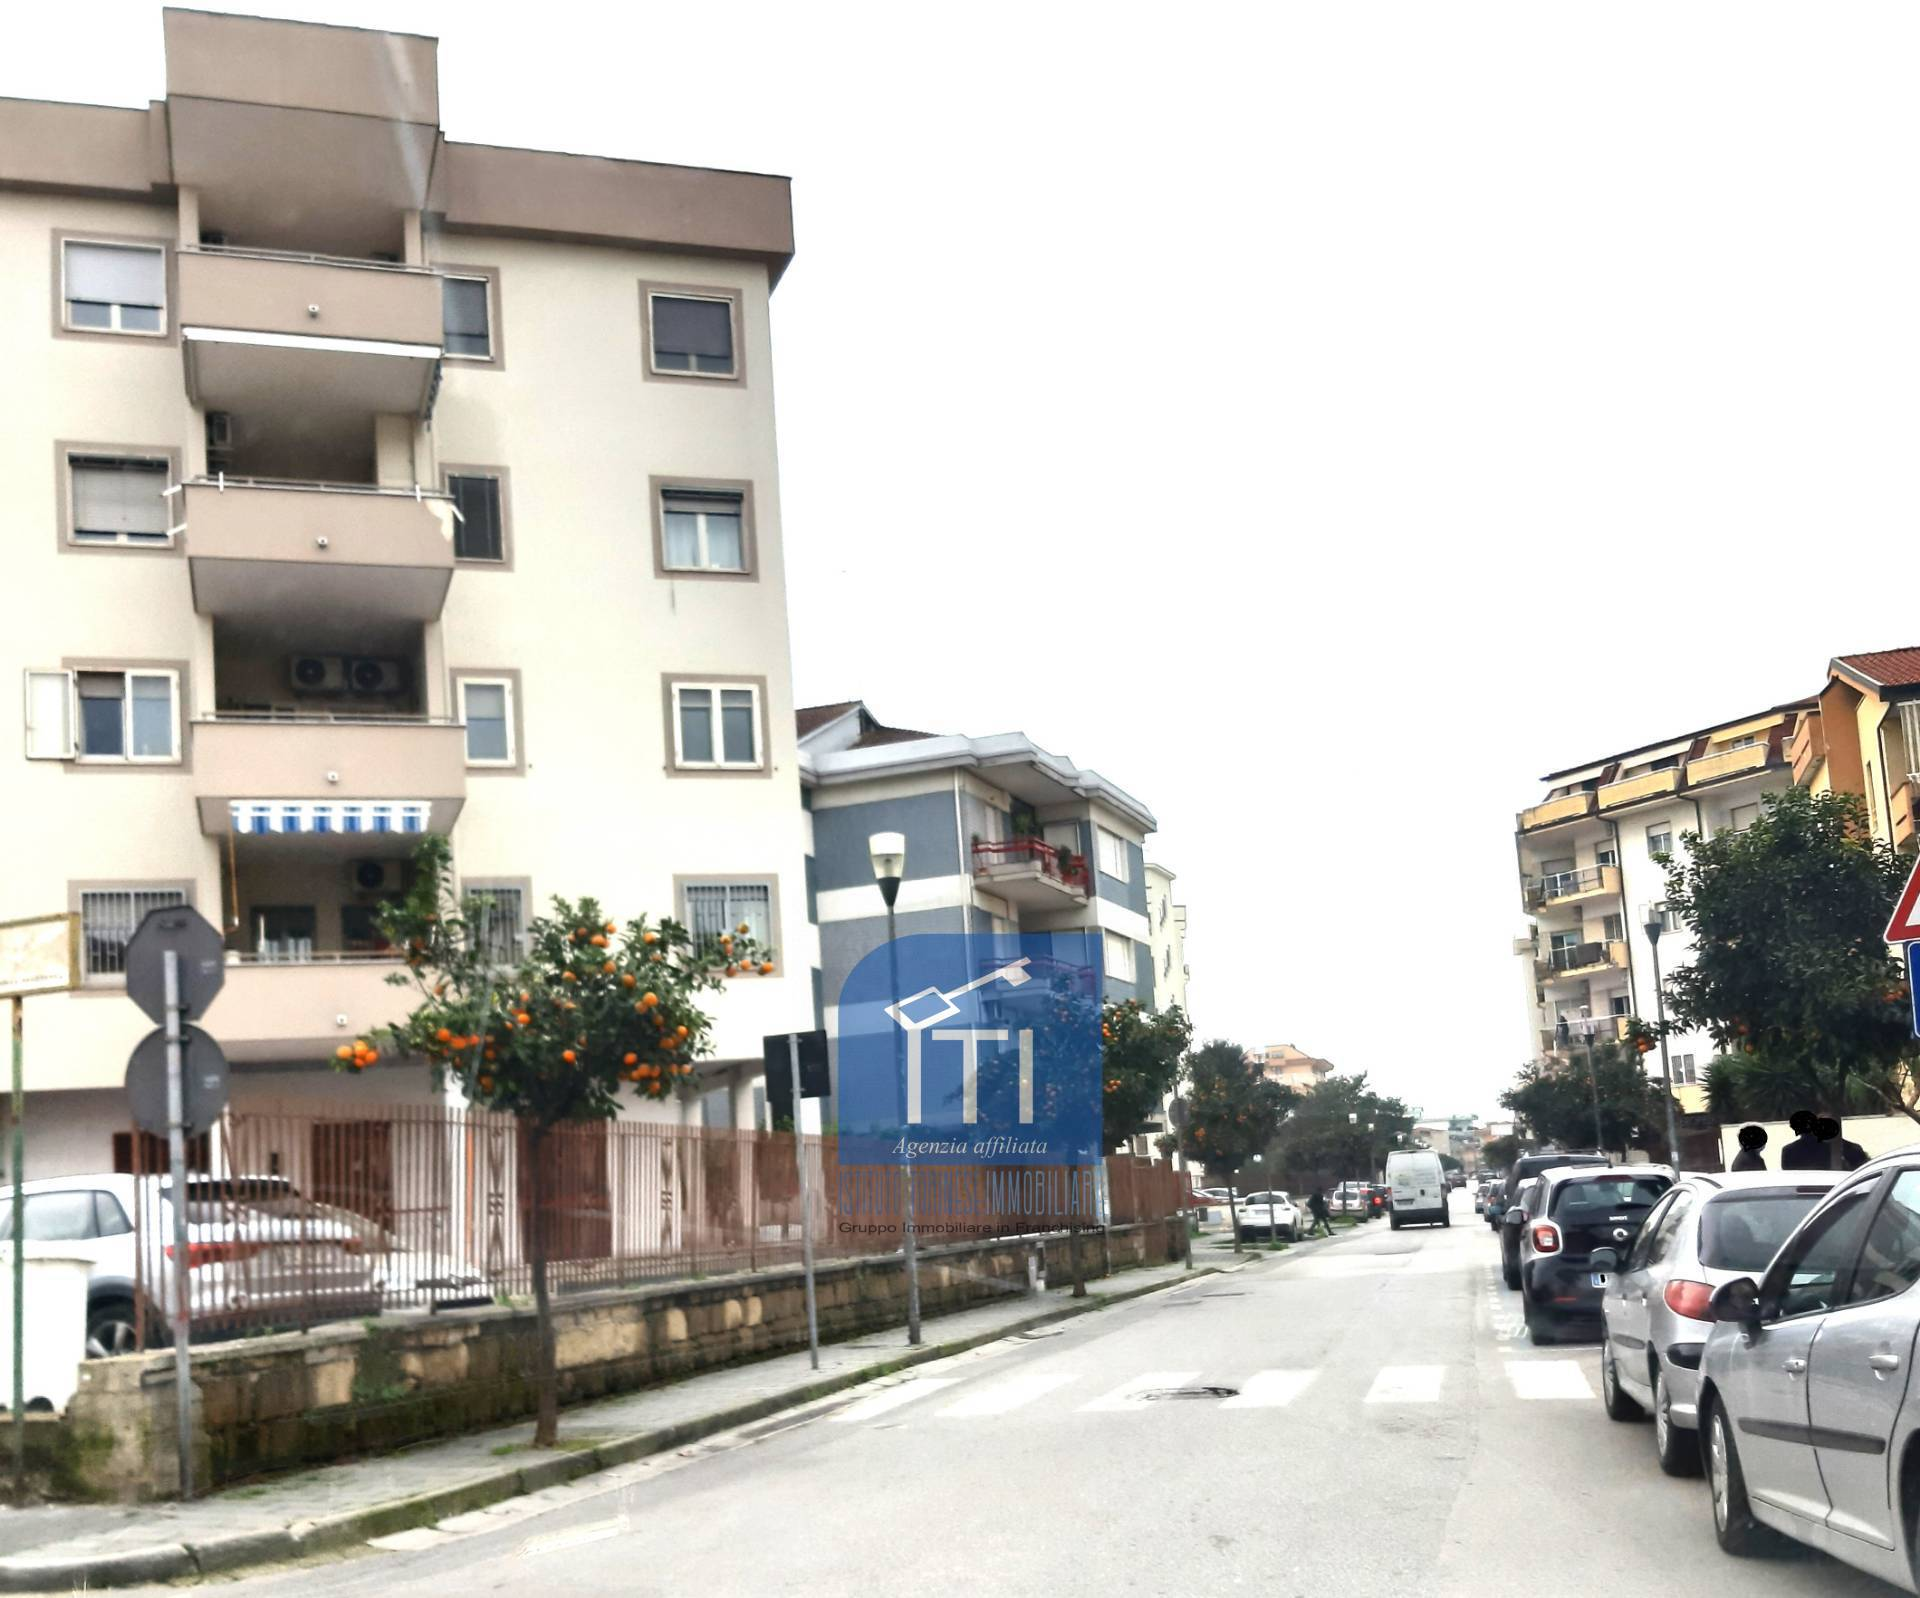 Appartamento in affitto a Aversa, 6 locali, zona Località: Centro, prezzo € 600   CambioCasa.it